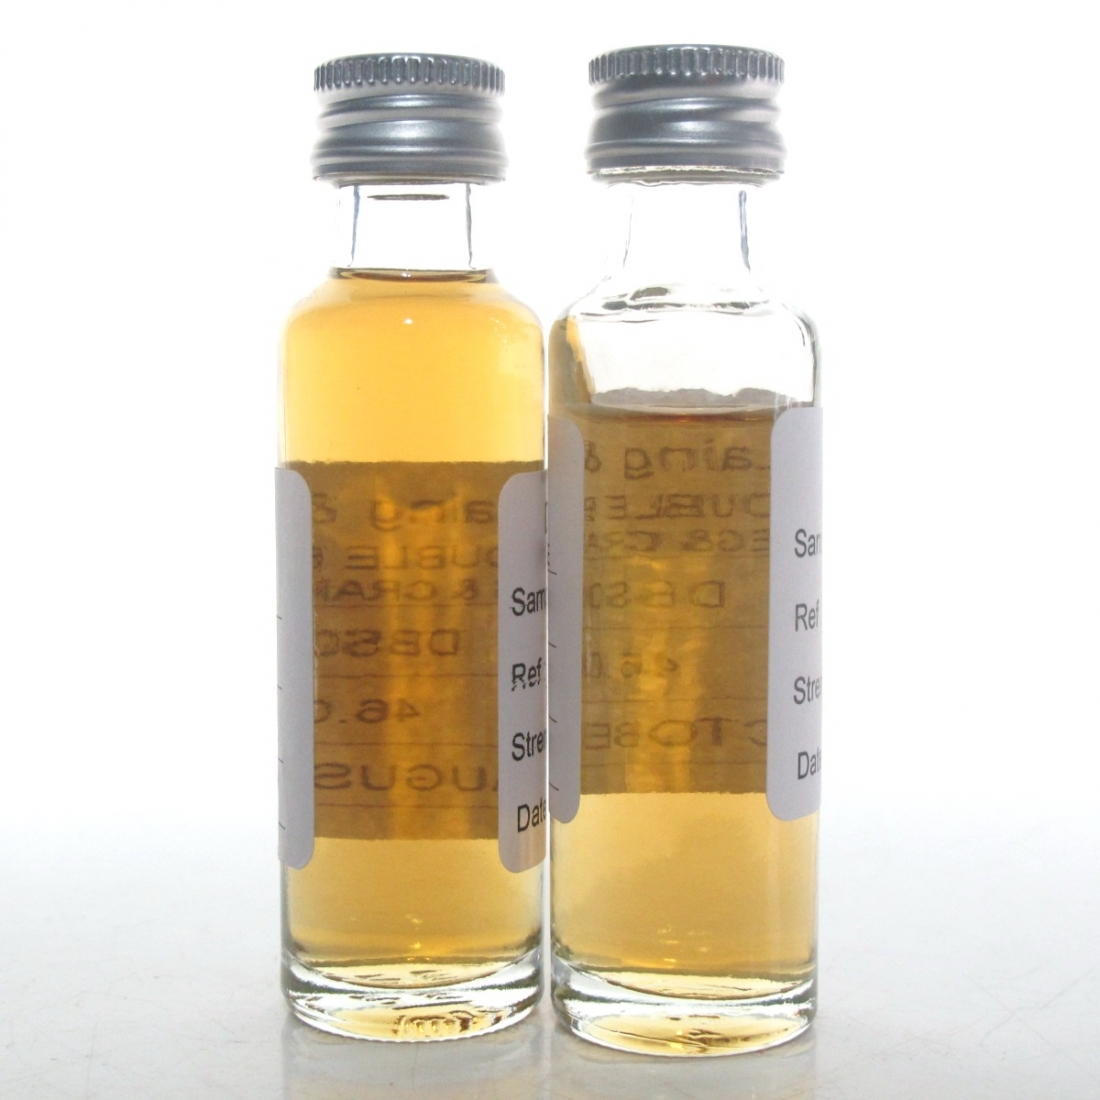 Double Barrel Ardbeg / Craigellachie Douglas Laing 2 x 2cl Sample